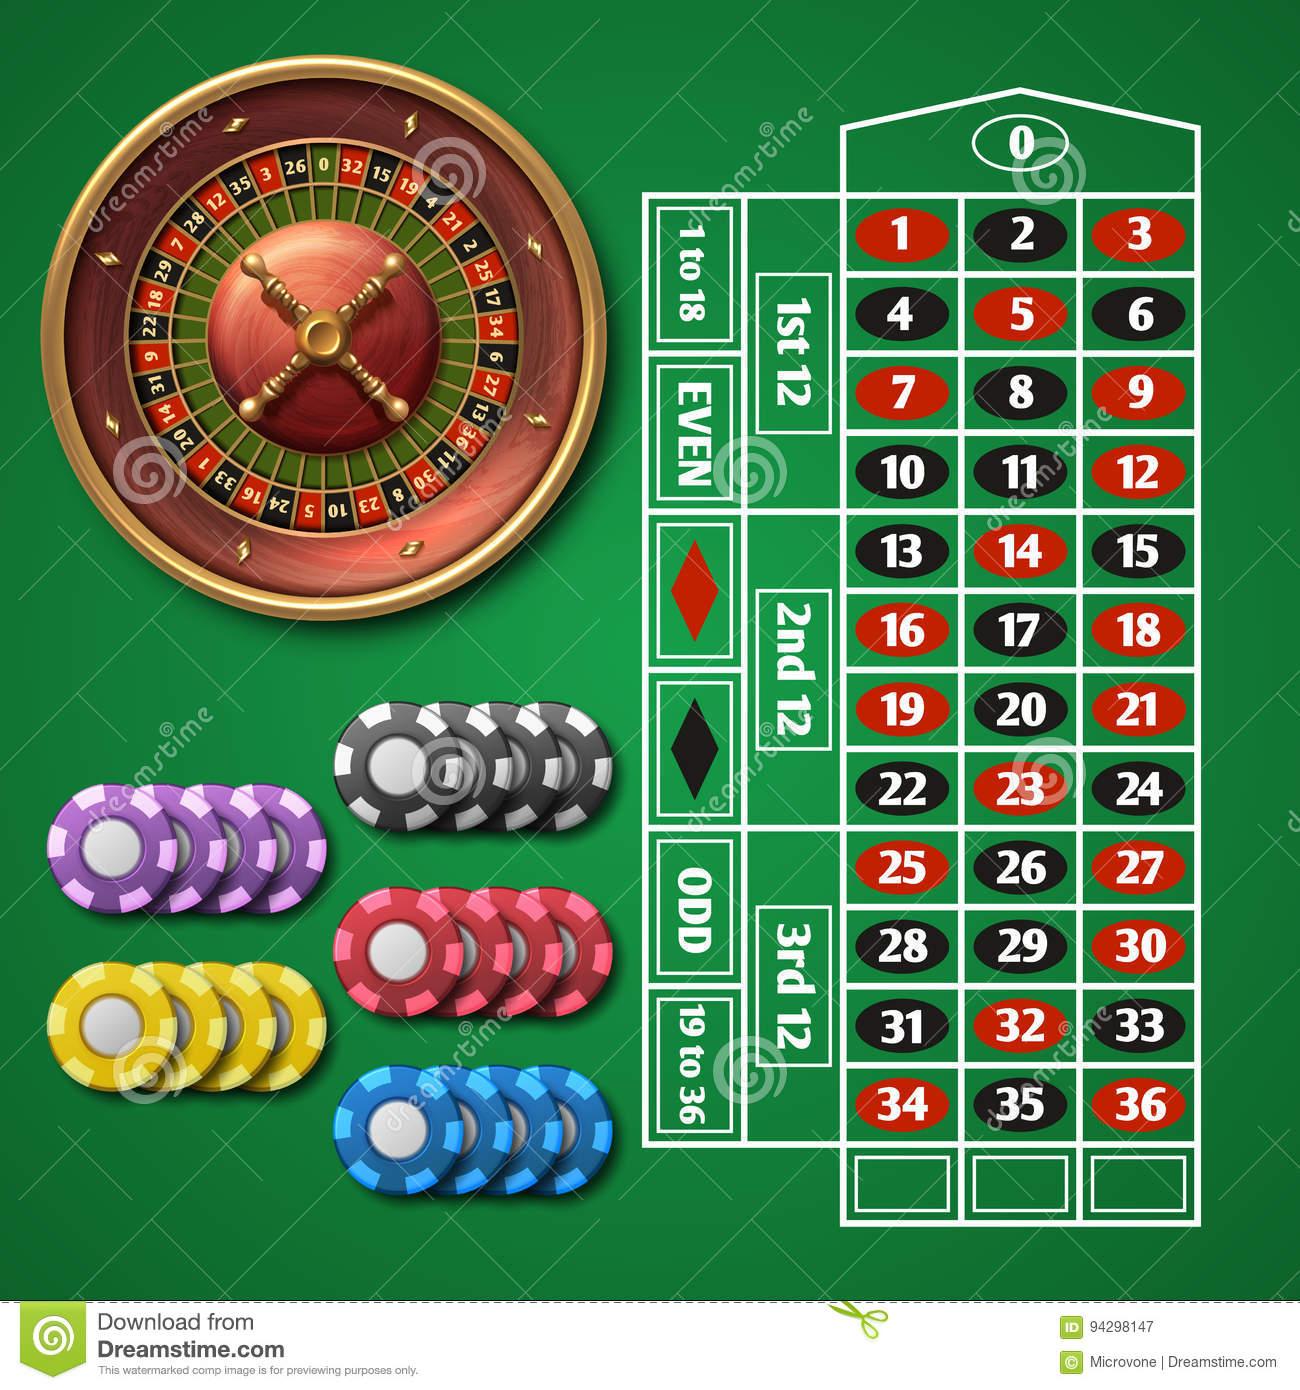 Играть в казино регистрация с телефона вулкан казино с бонусом за депозита на реальные деньги